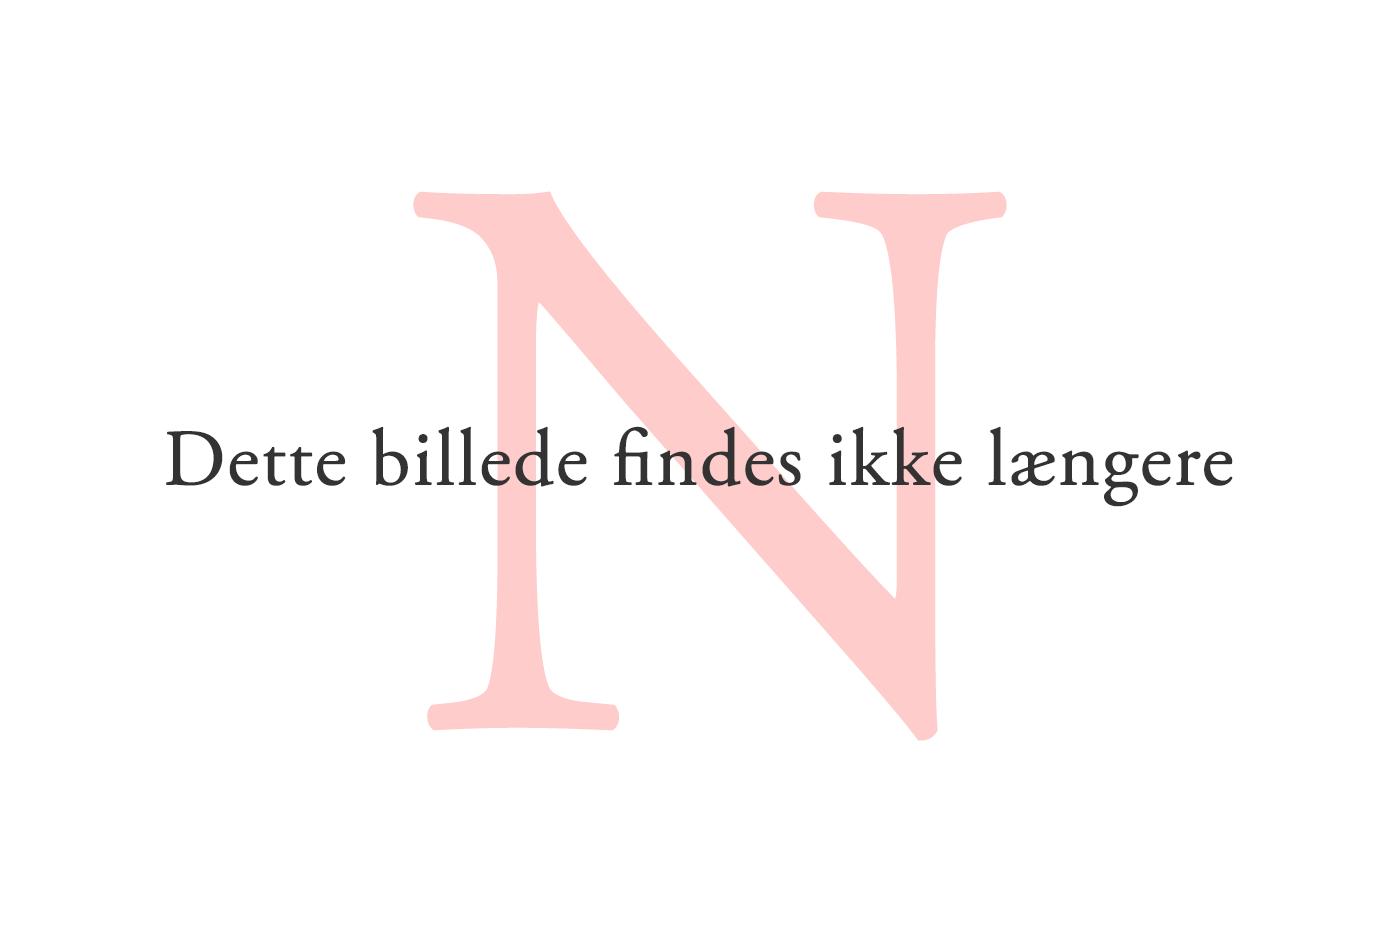 Voxpop: Derfor elsker vi Danmark